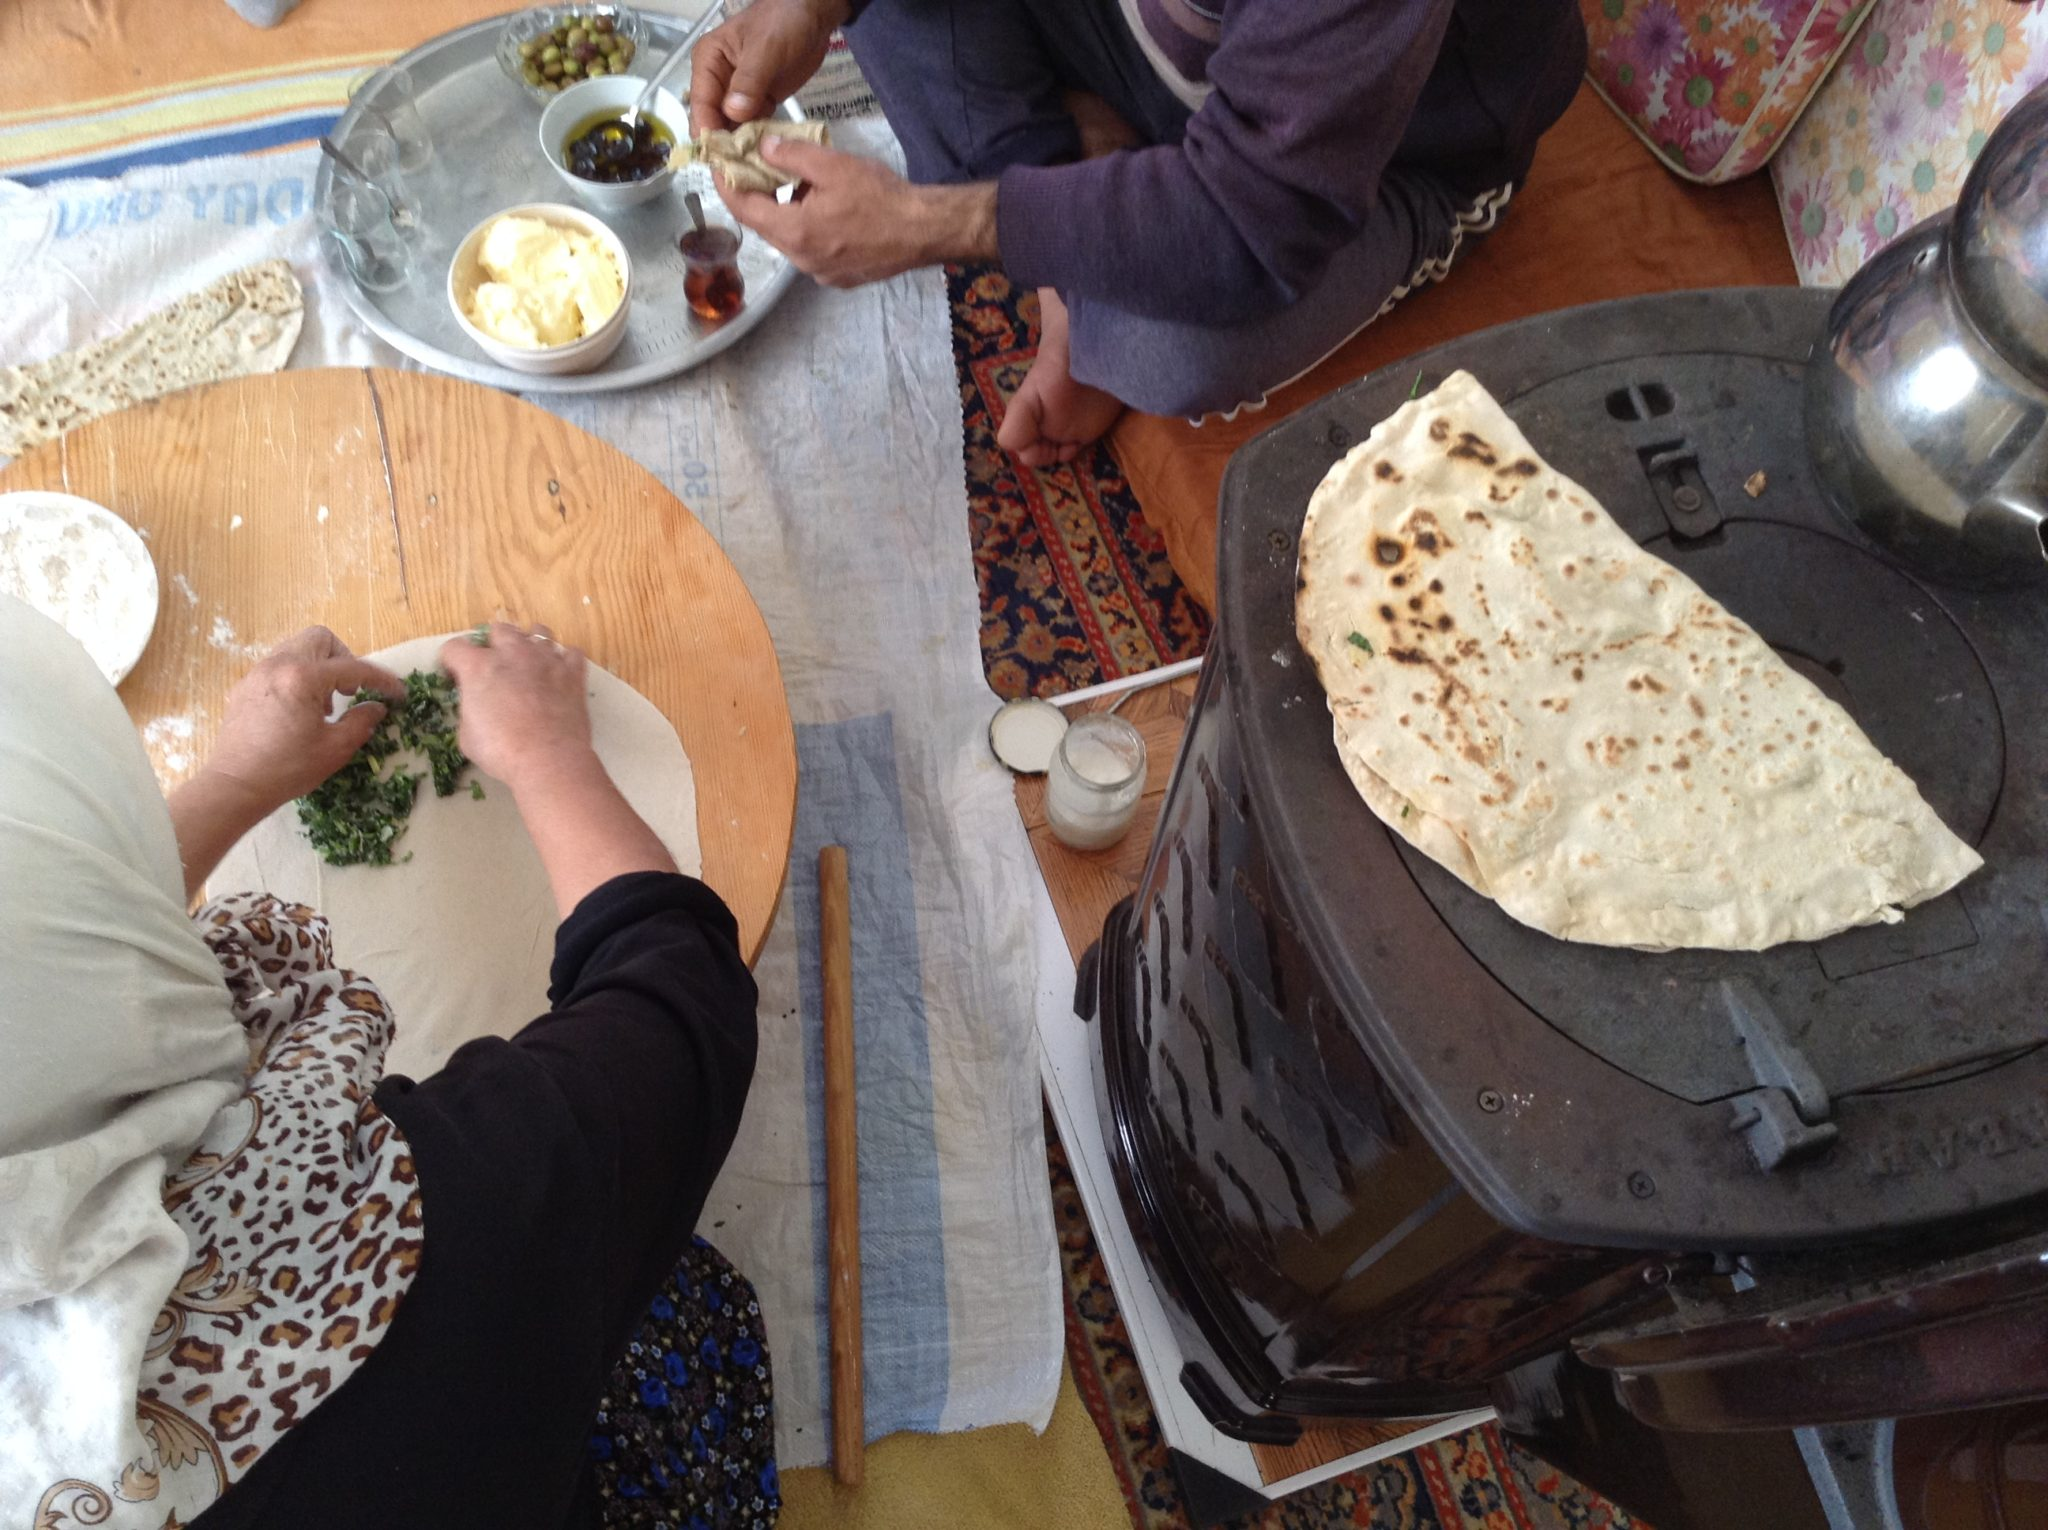 Lavas (fladbrød) og dip opskrifter • Alanya.Dk - Den store guide til Alanya